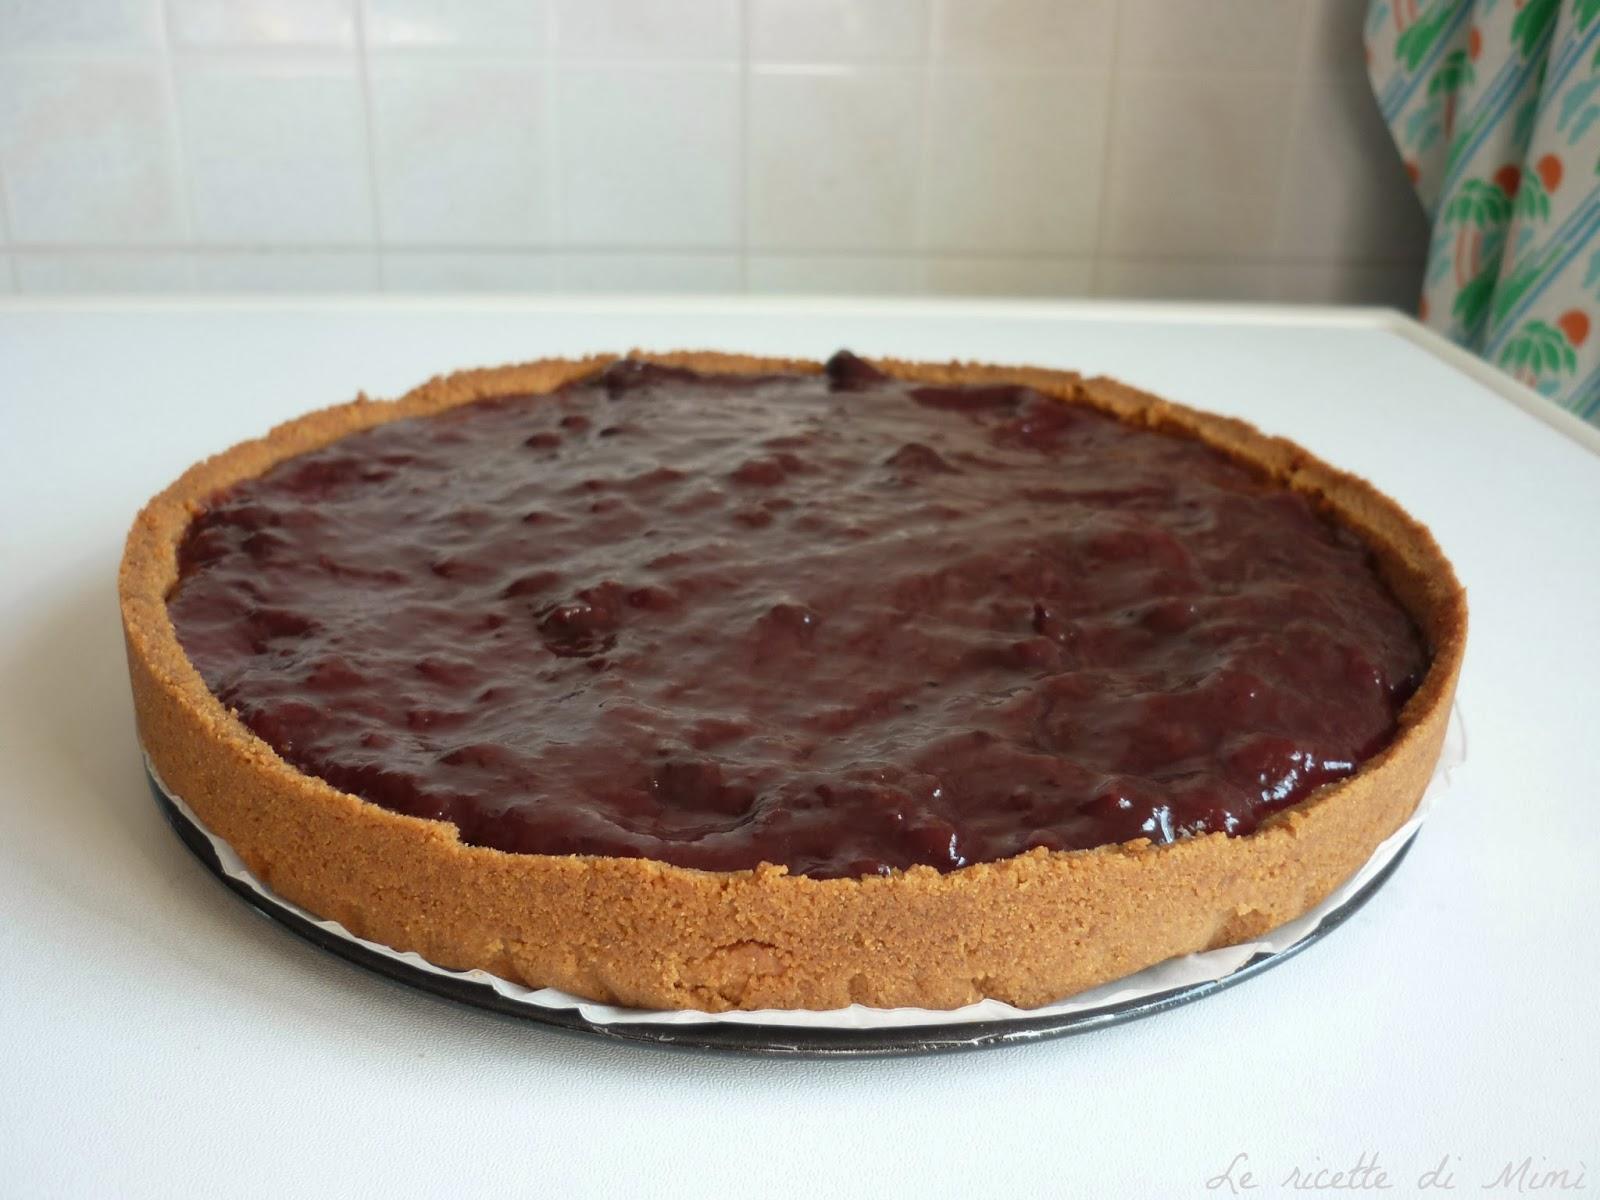 Super Le ricette di Mimì: Torta di biscotti con ricotta e marmellata NO71